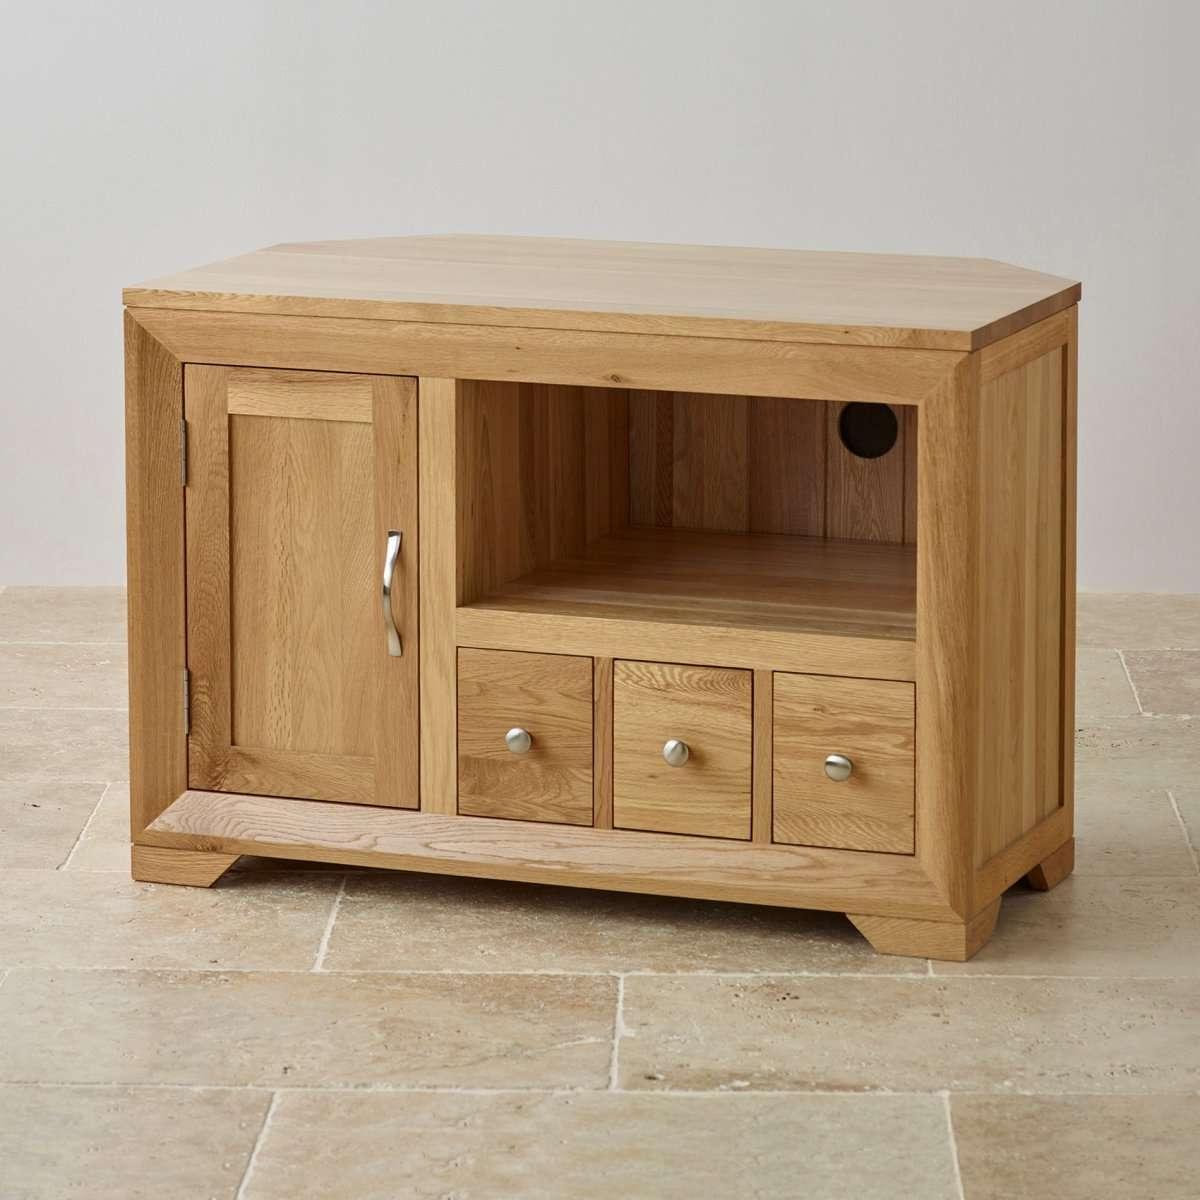 Bevel Small Corner Tv Cabinet In Solid Oak | Oak Furniture Land Within Solid Oak Corner Tv Cabinets (View 3 of 20)